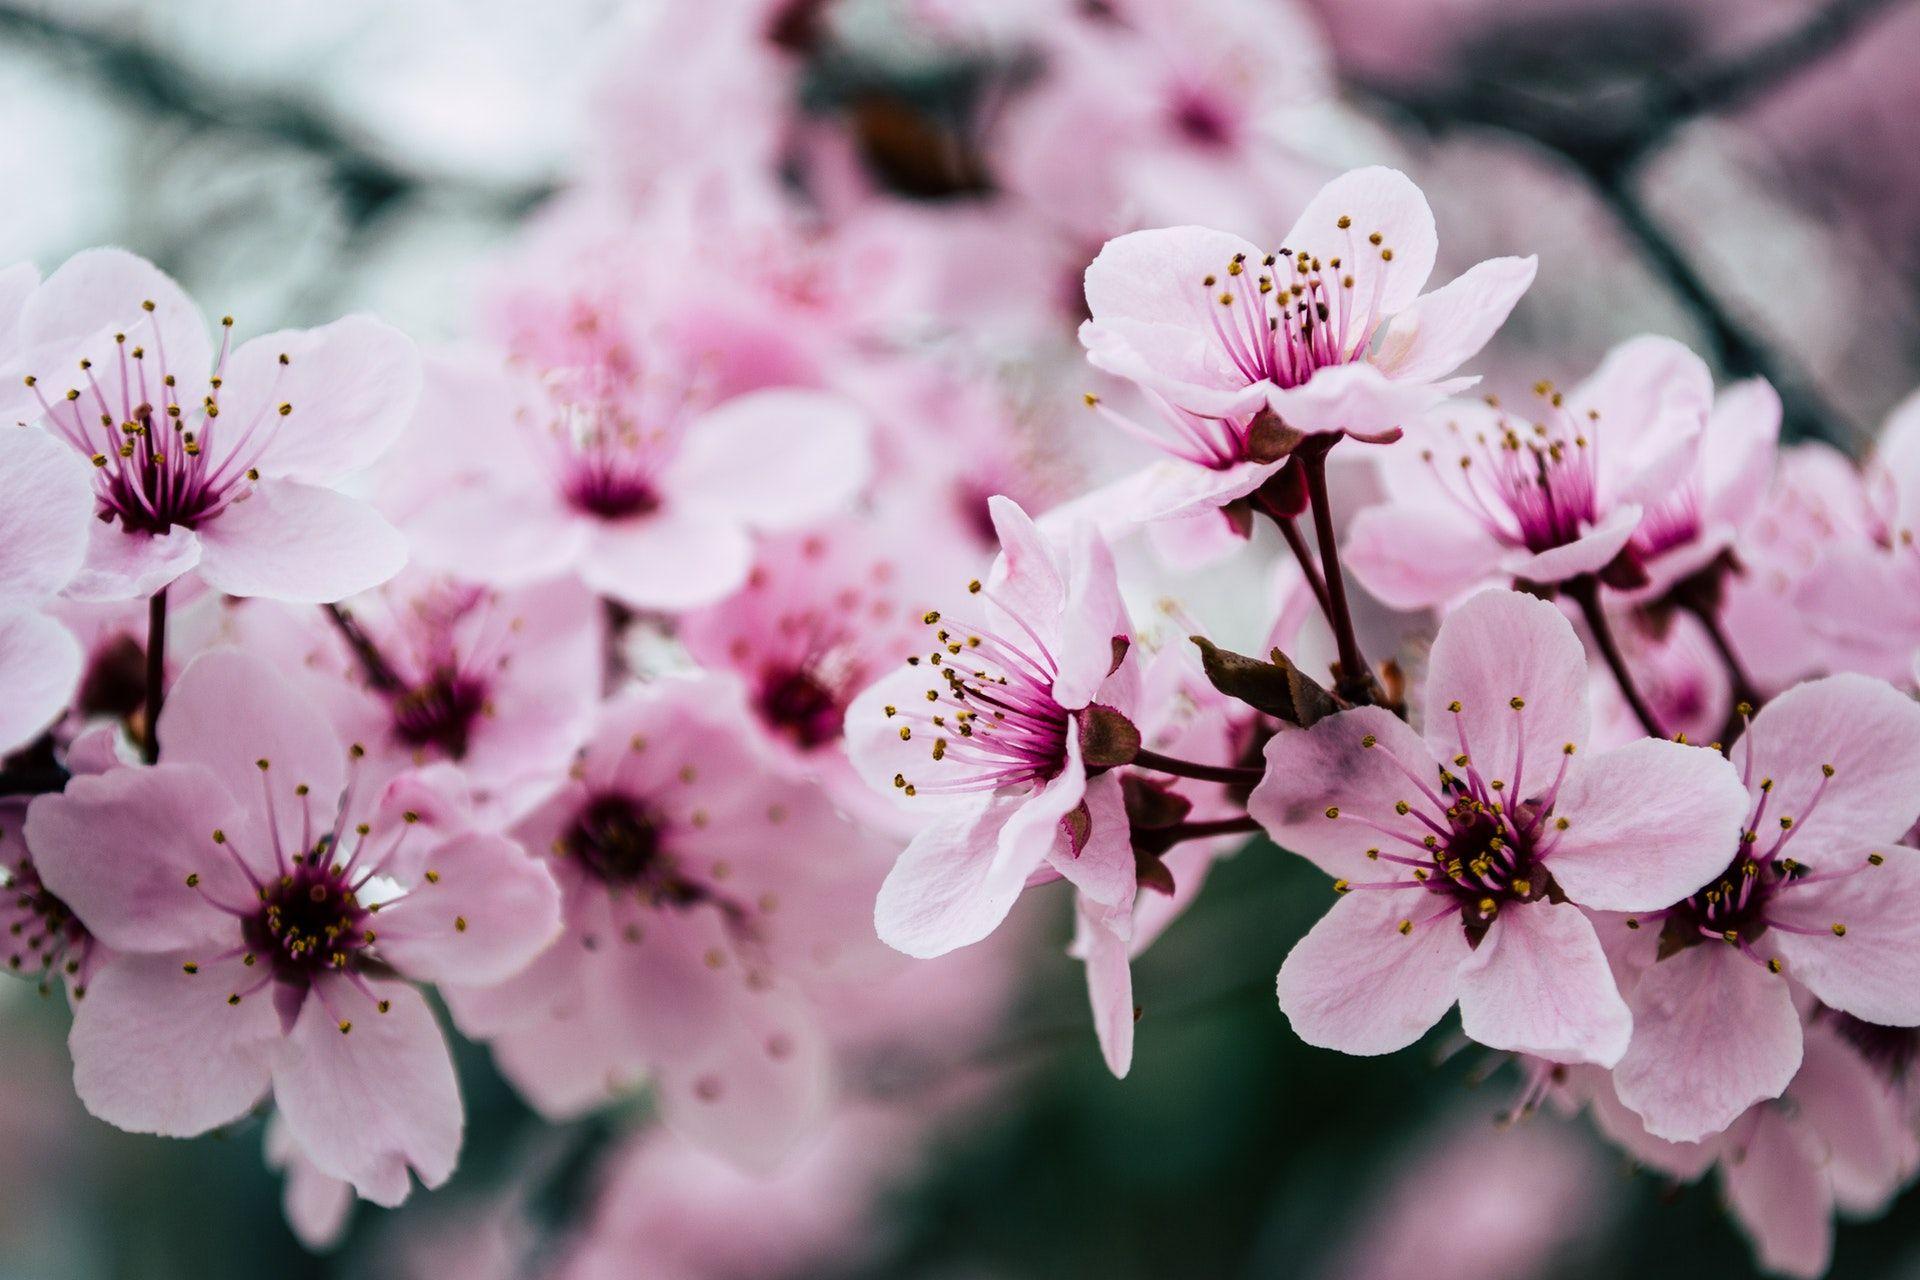 عکس زمینه شکوفه های صورتی بهاری پس زمینه